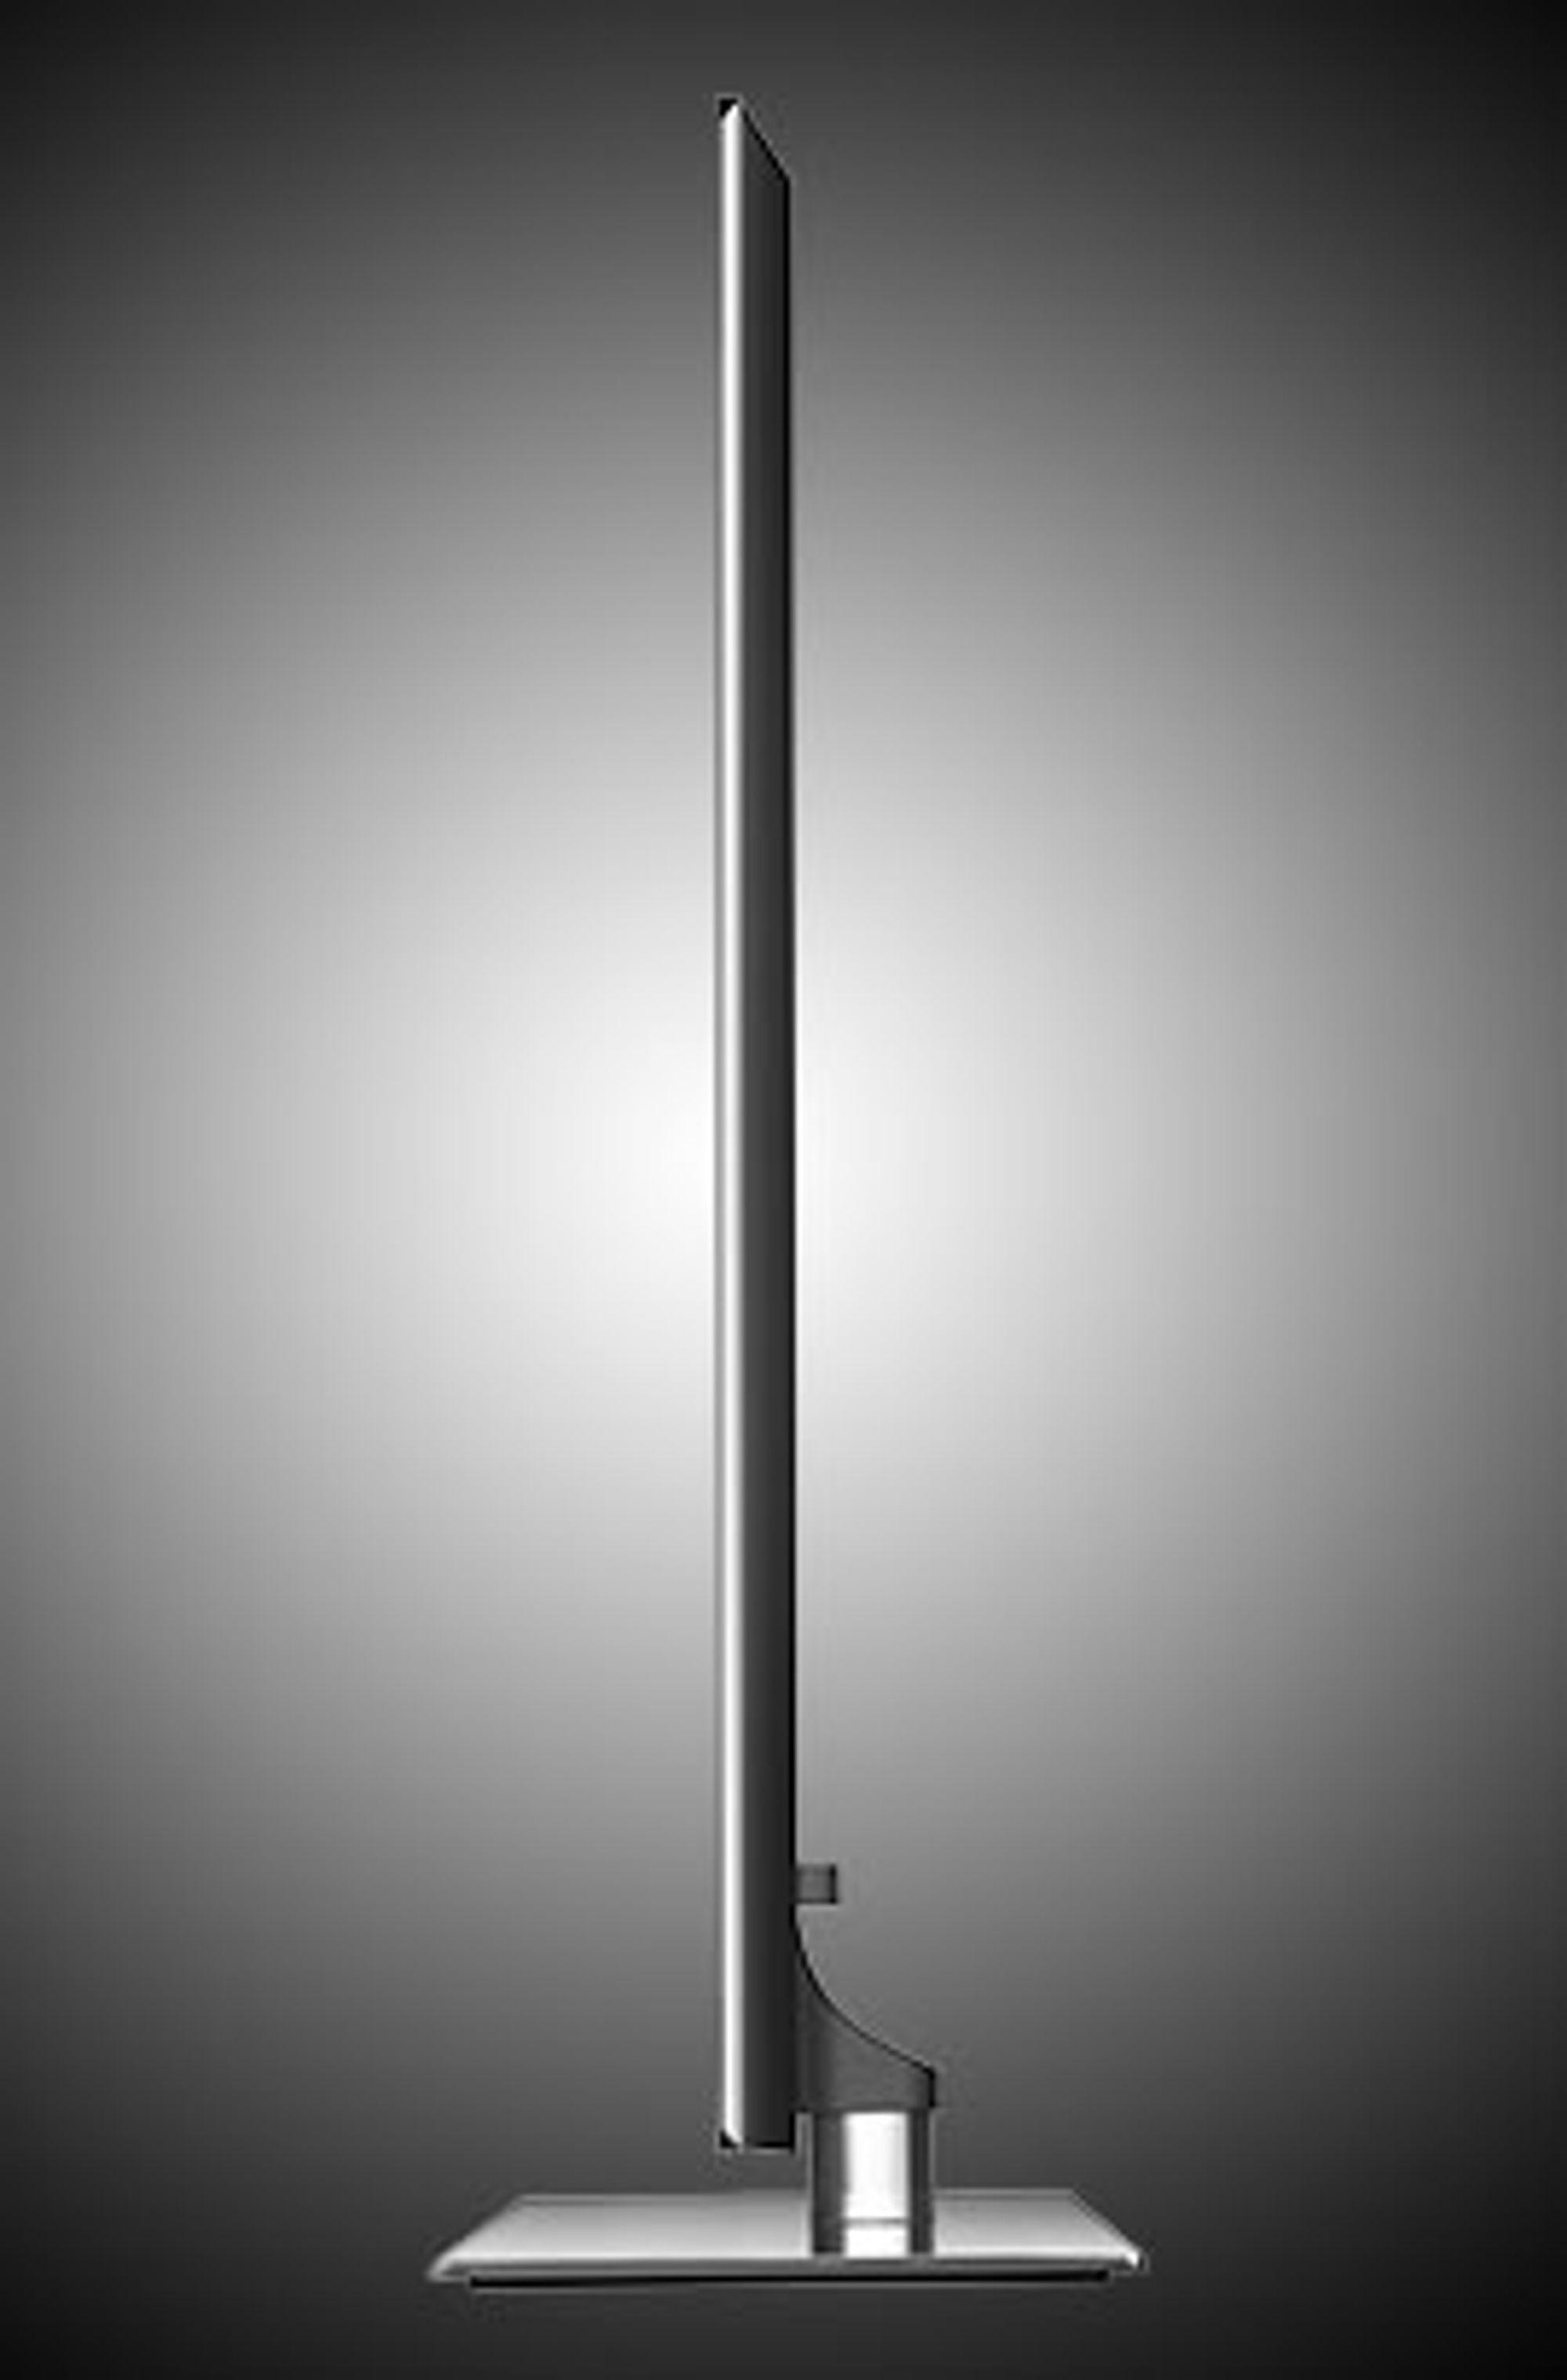 De tynne, lekre LED LCD-TV-ene blir stadig mer populære